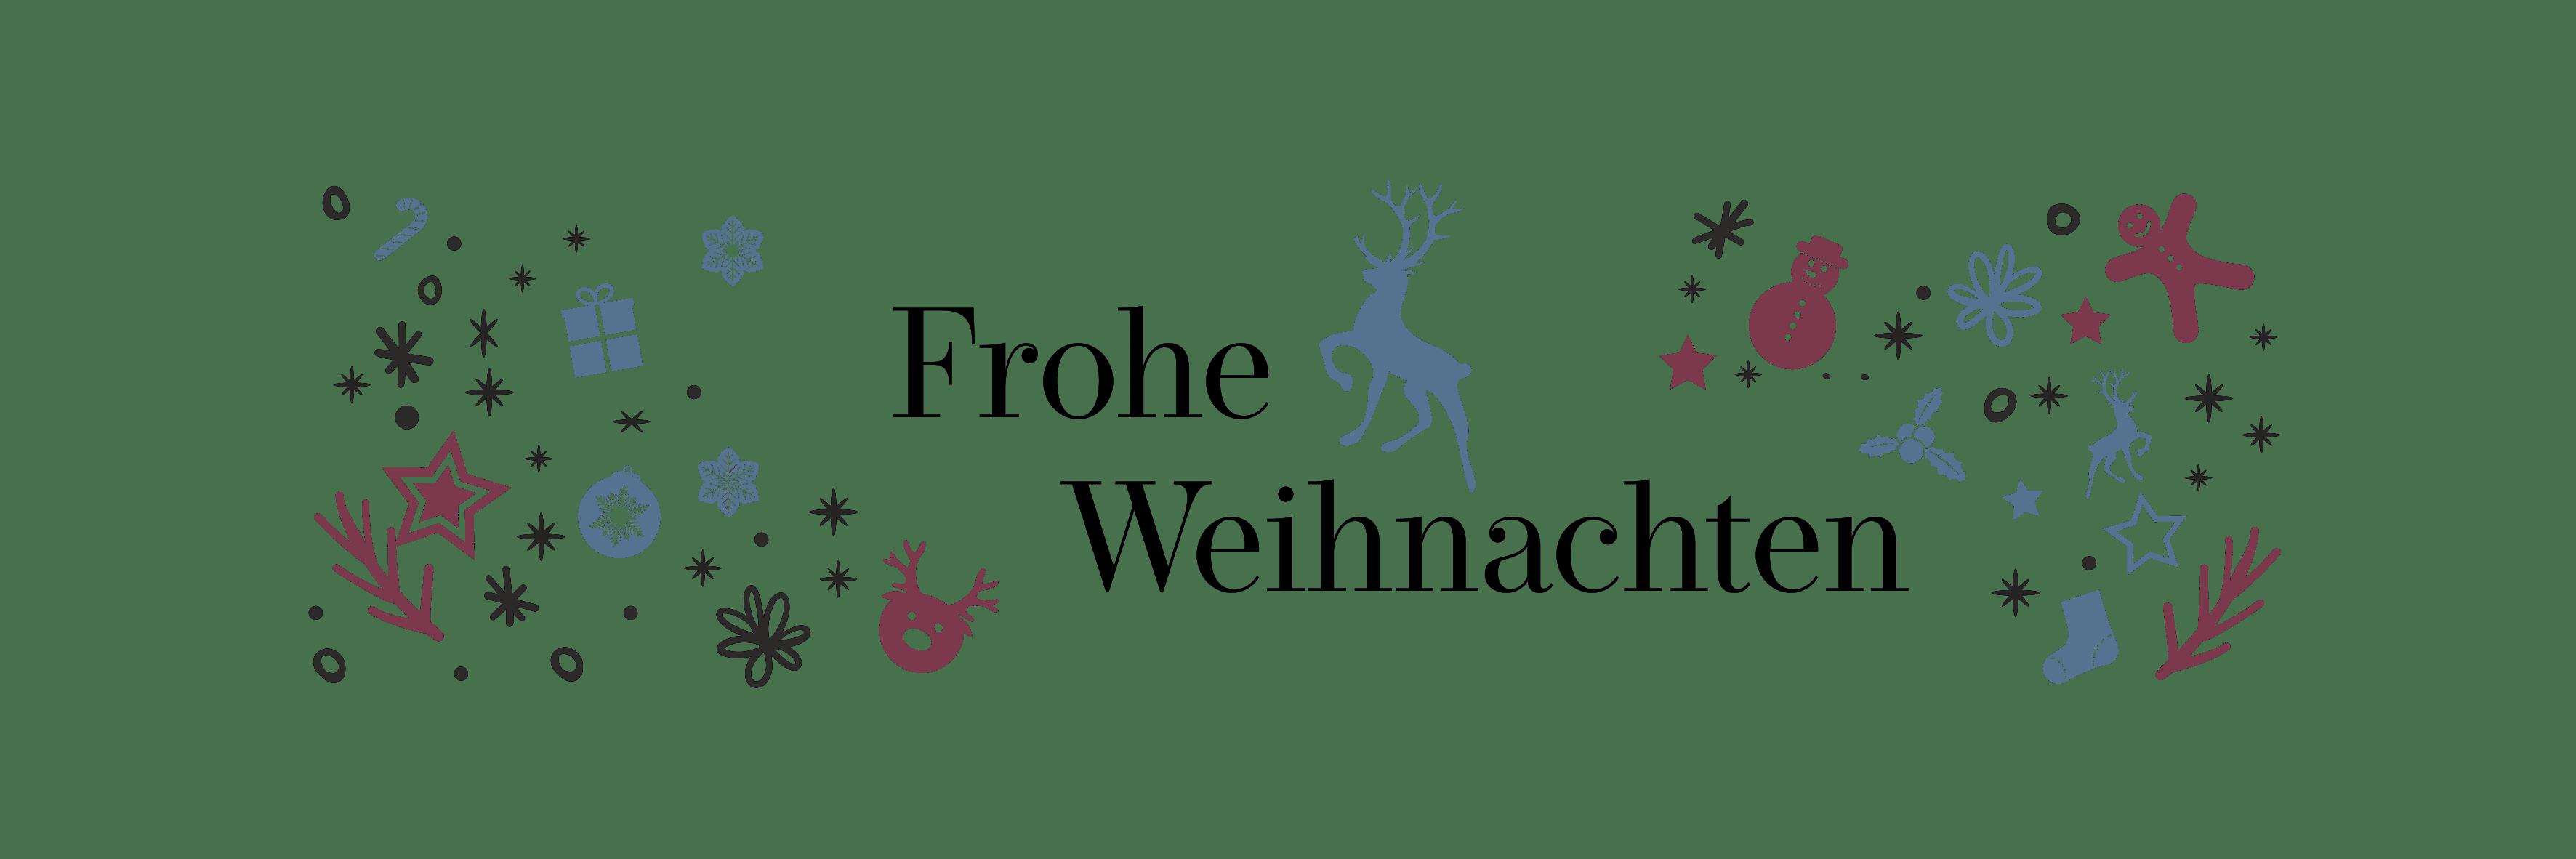 Header Frohe Weihnachten